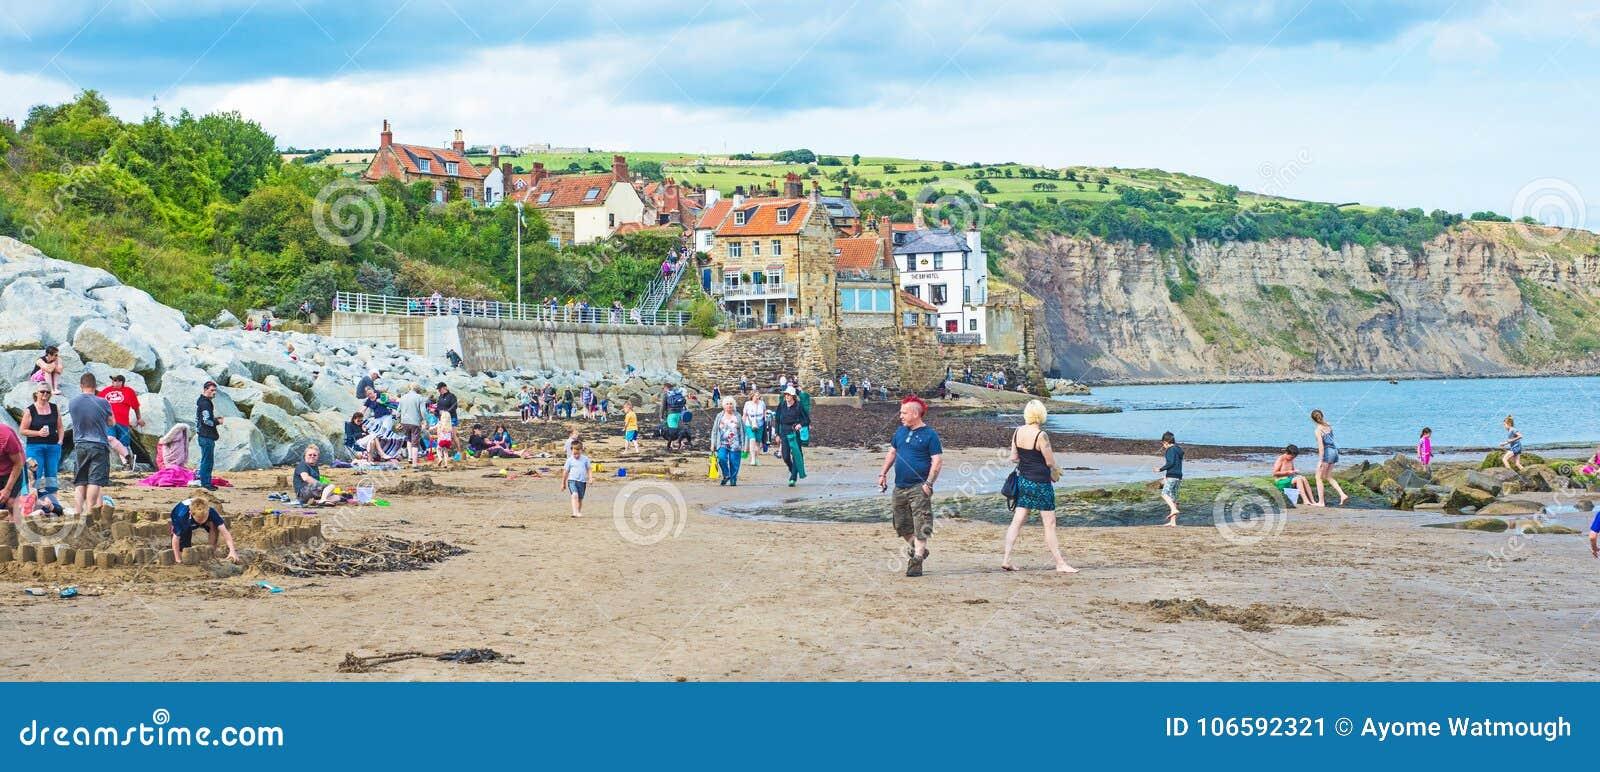 Διακοπές στην παραλία στην Αγγλία